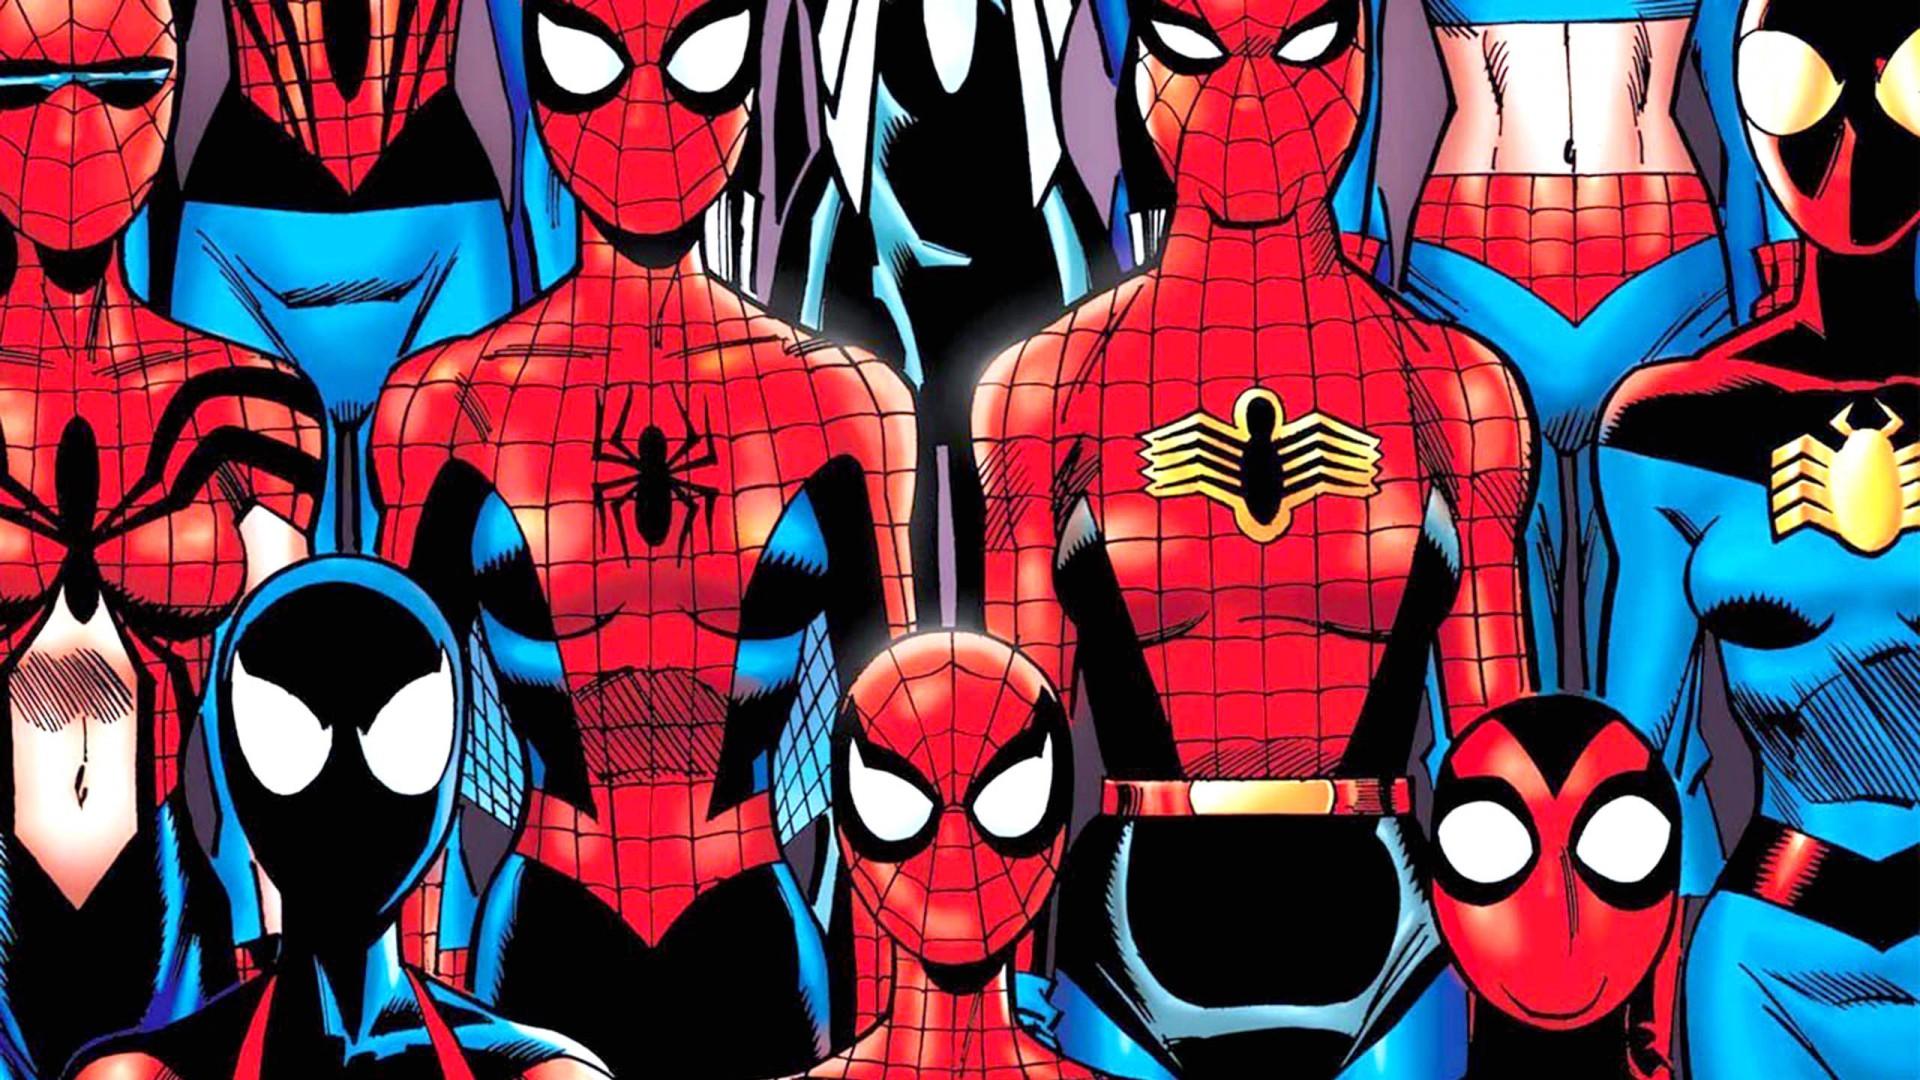 Spiderman Deadpool 1080 HD Wallpaper 1920x1080